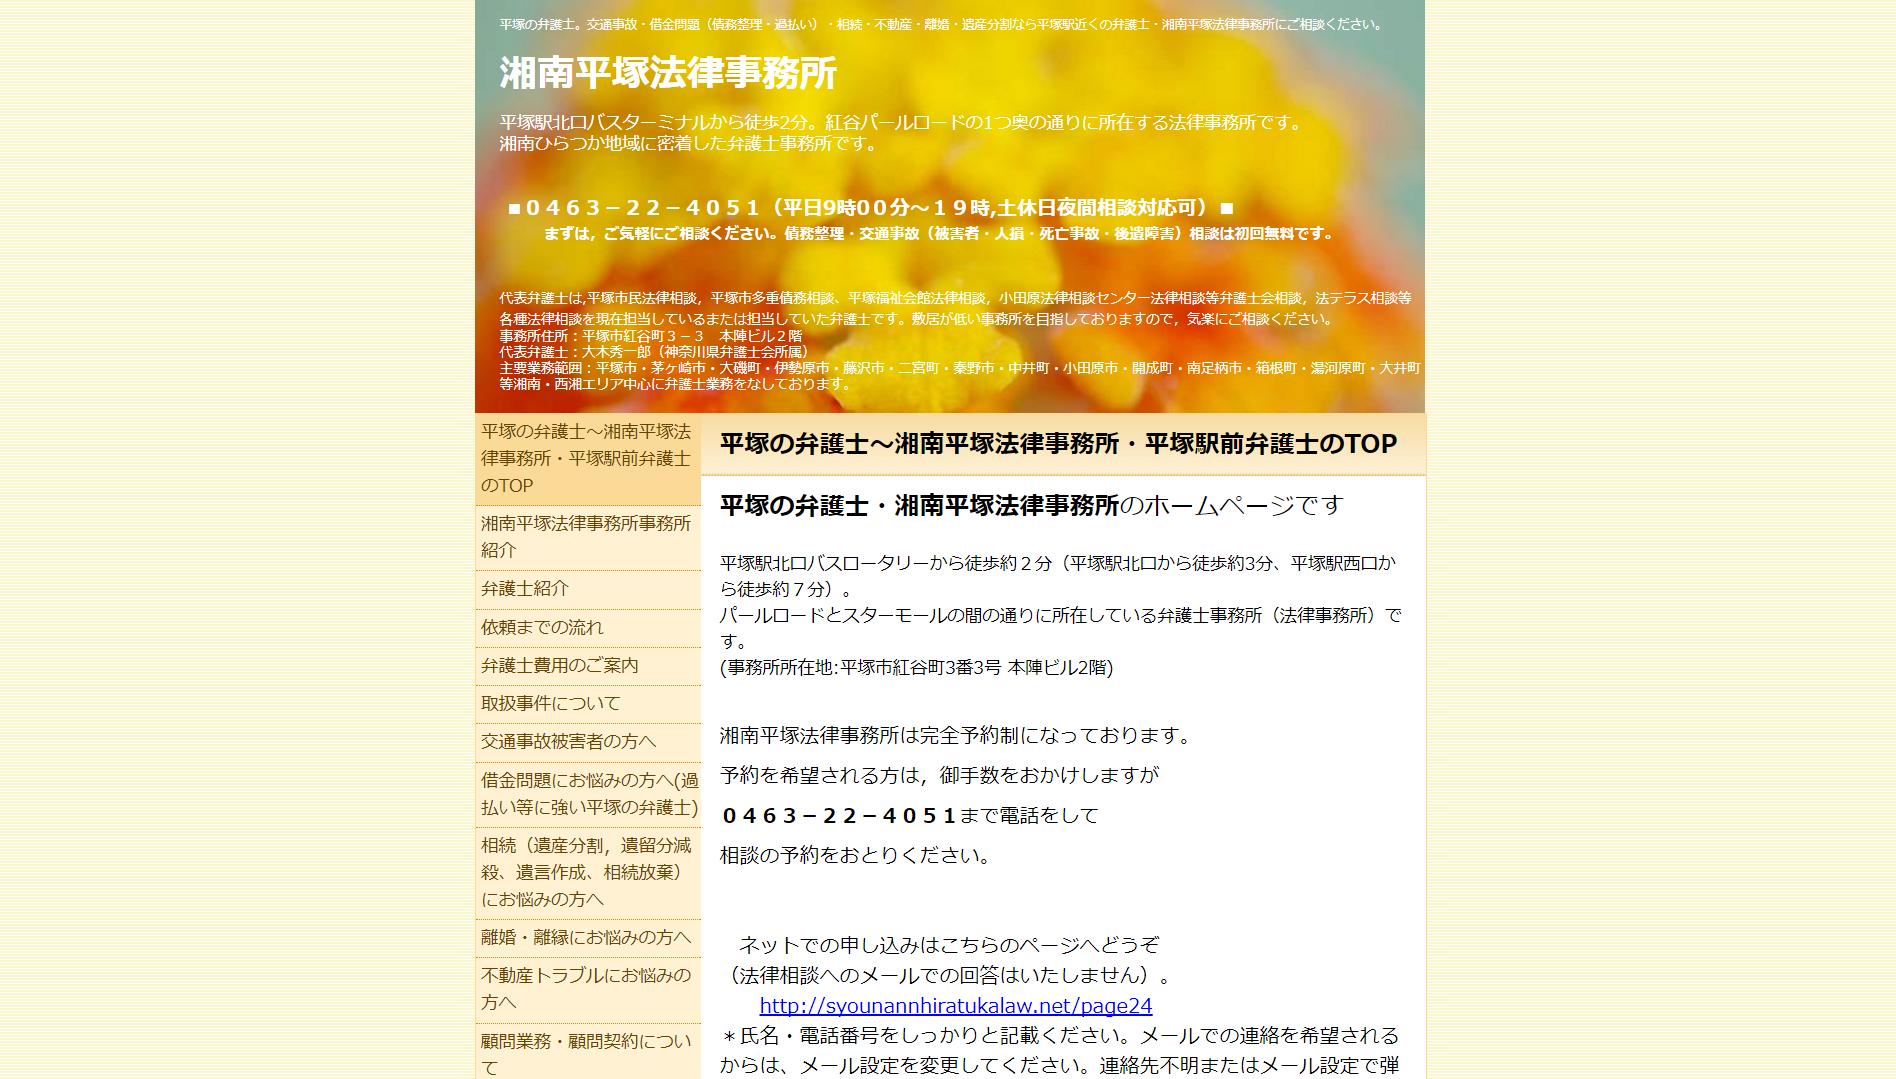 湘南平塚法律事務所(神奈川県平塚市紅谷町)